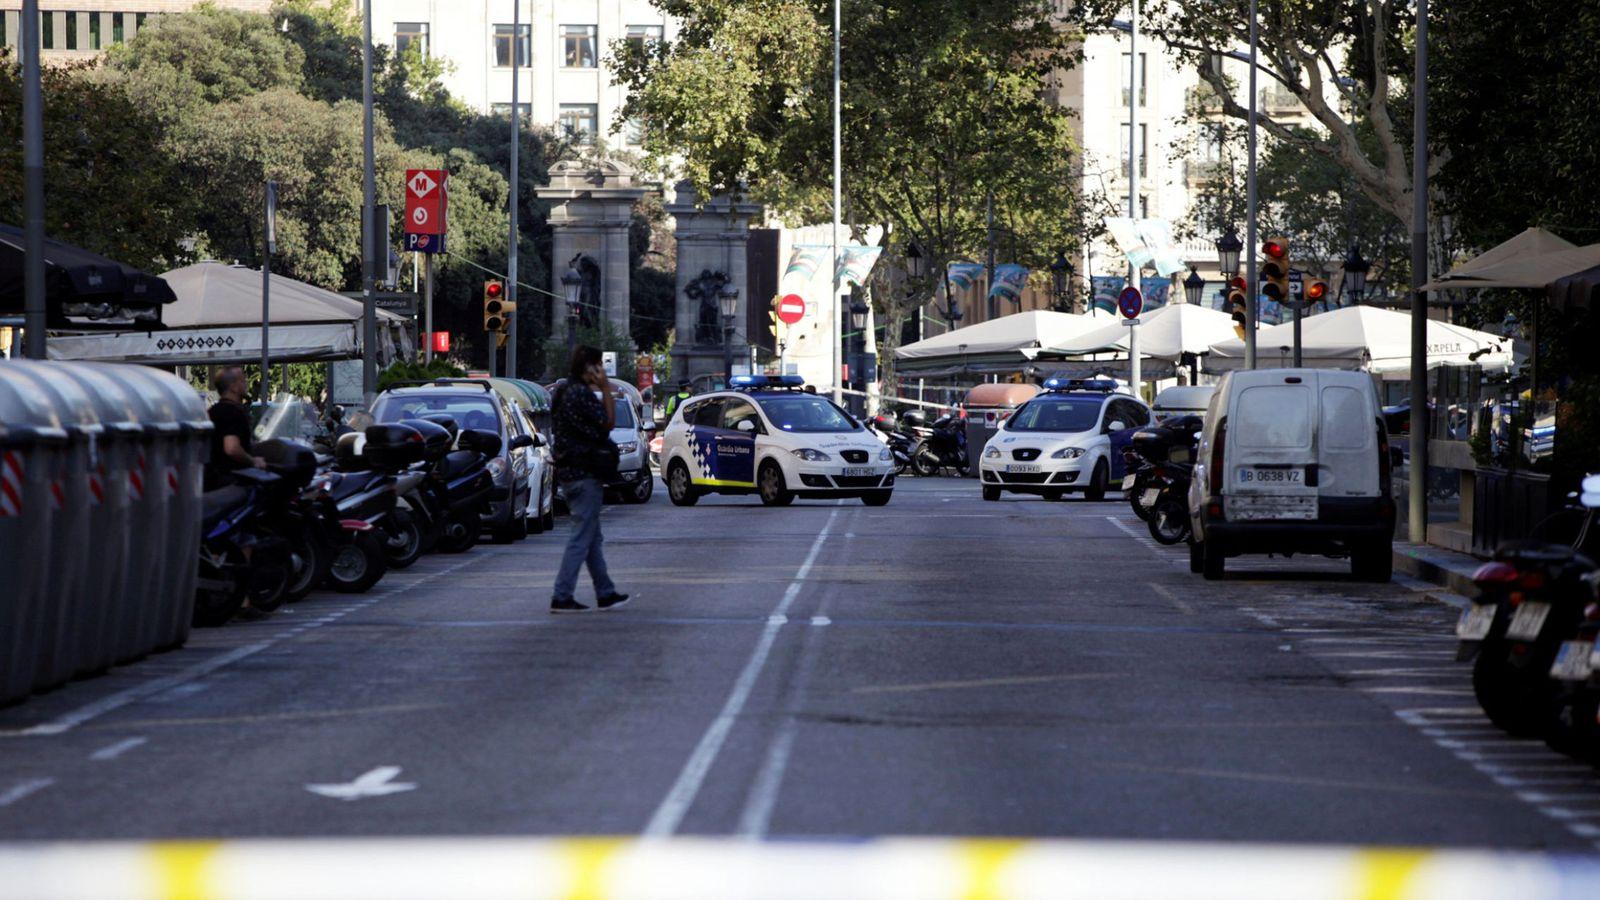 Foto: Vista del lugar del atentado, acordonado por la policía. (Reuters)